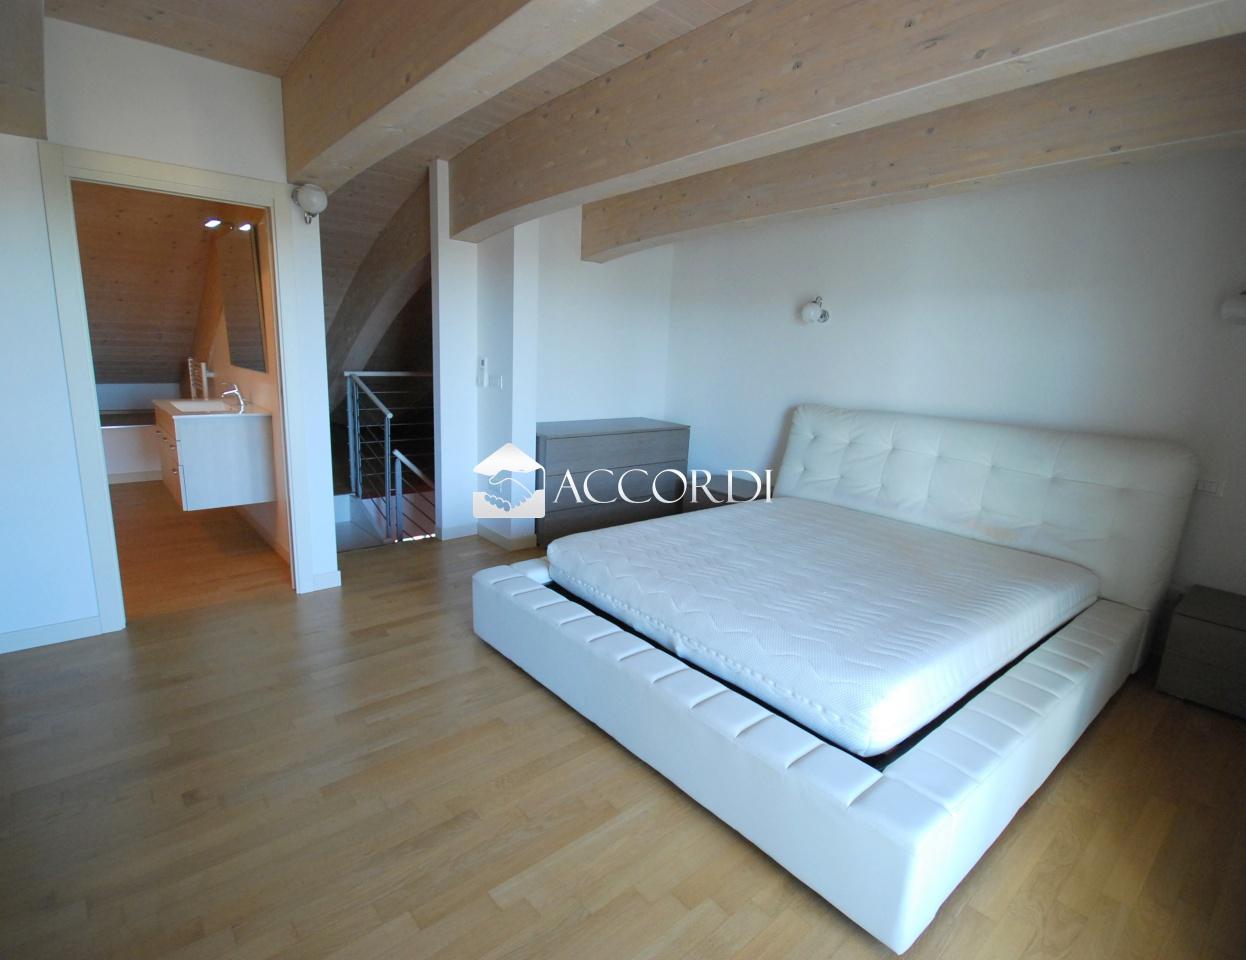 Appartamento in vendita a Martellago, 3 locali, prezzo € 210.000 | PortaleAgenzieImmobiliari.it